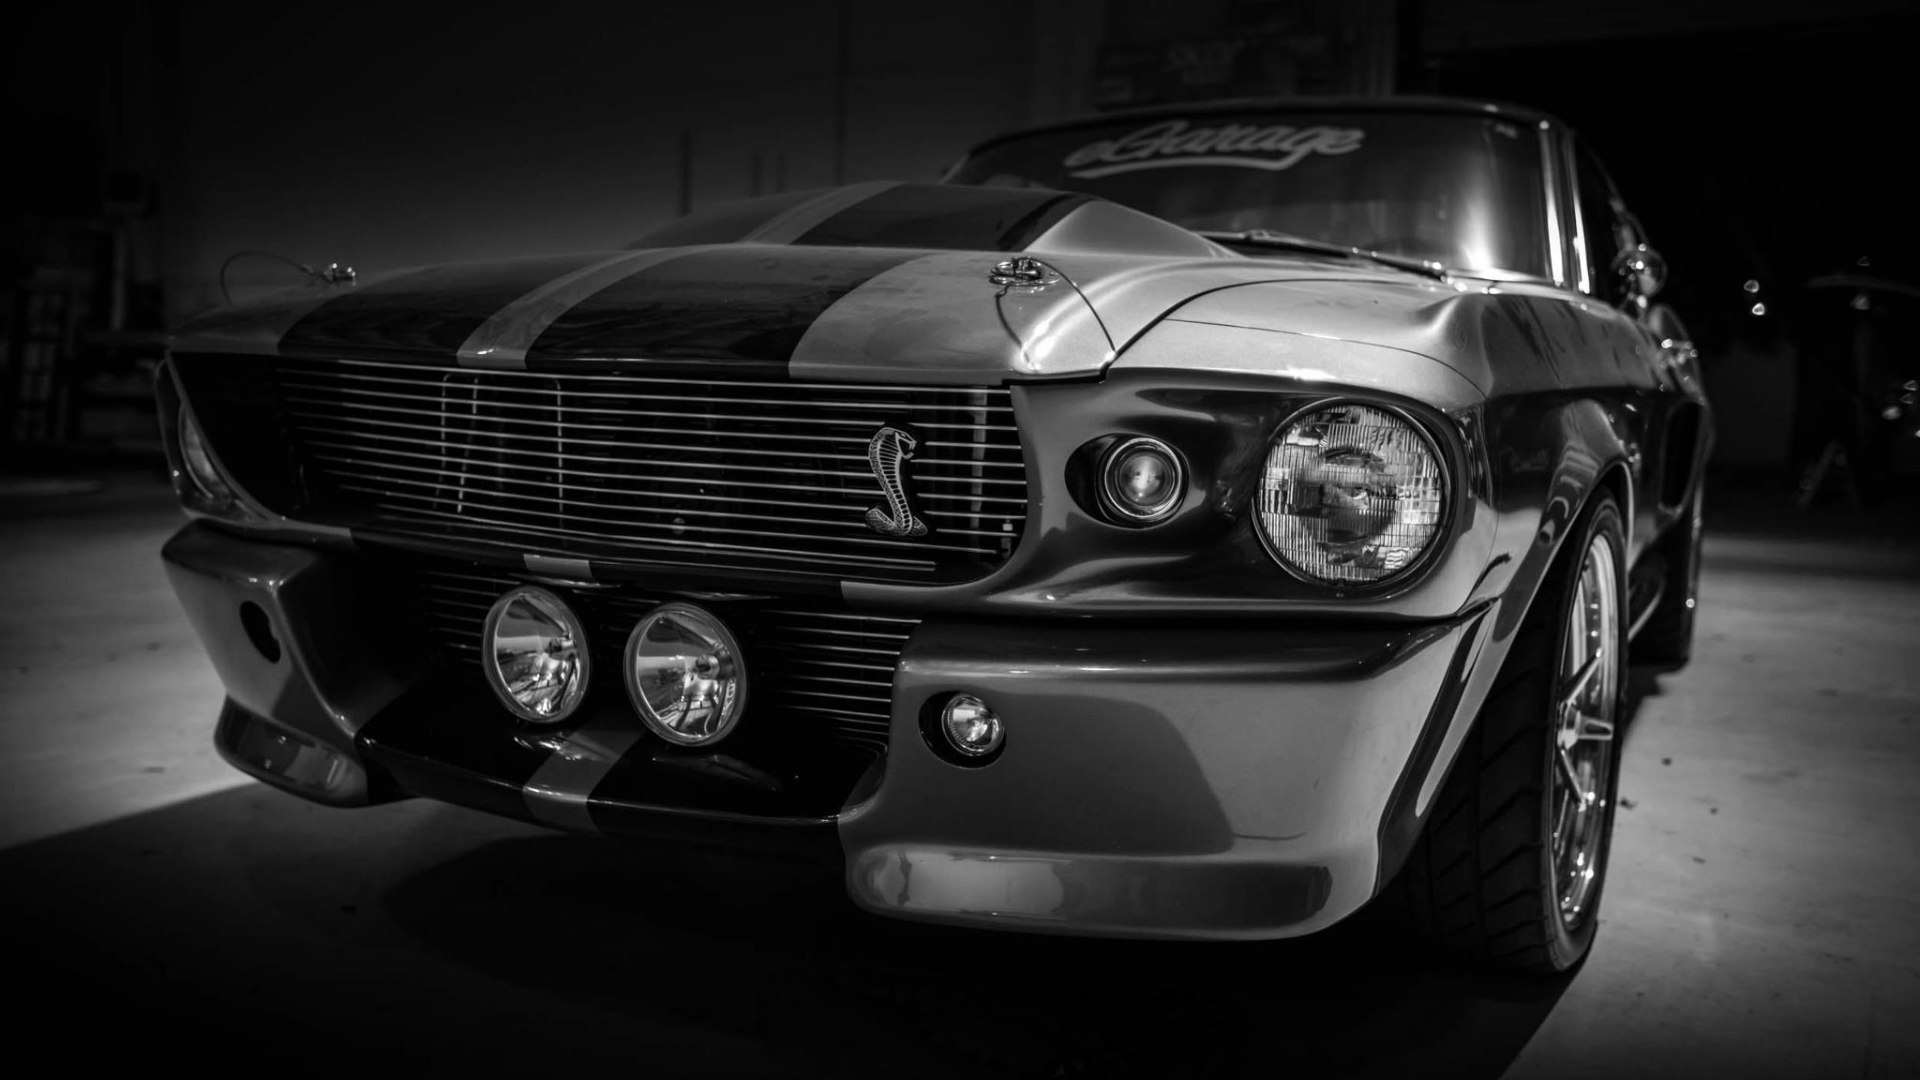 Herunterladen 1920x1080 Full Hd Hintergrundbilder Ford